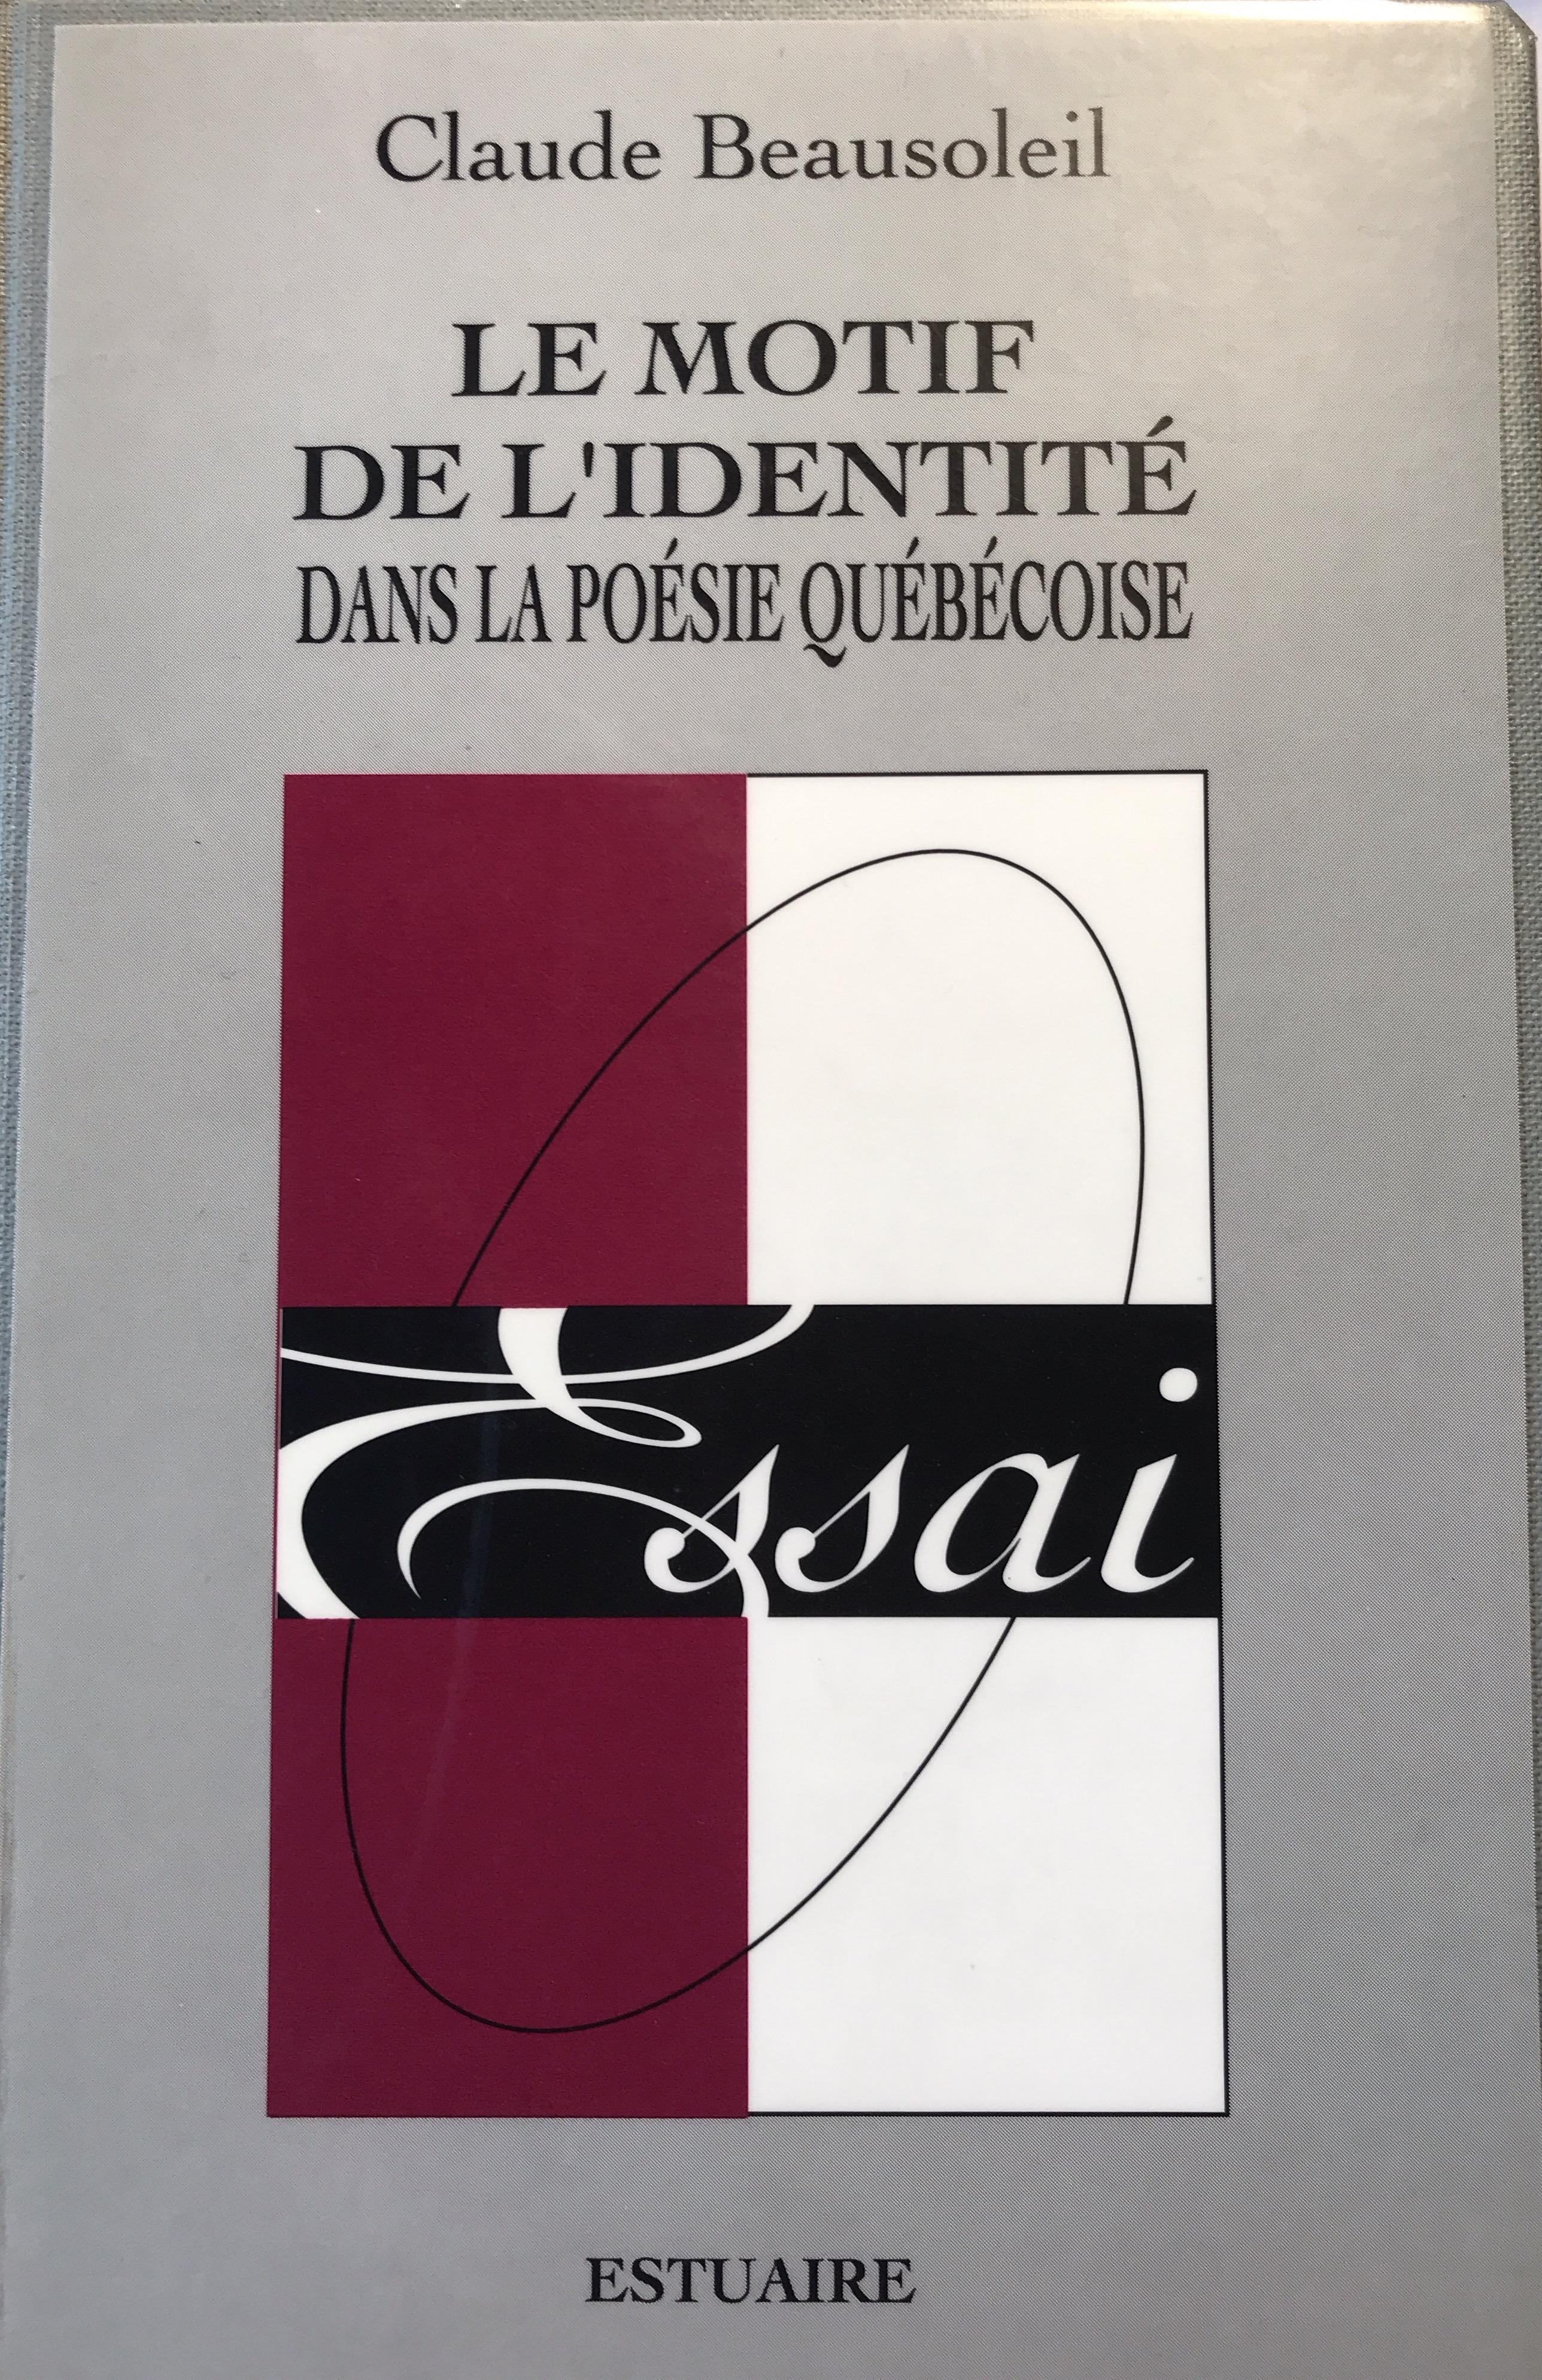 Le motif de l'identité dans la poésie québécoise (1830-1995)